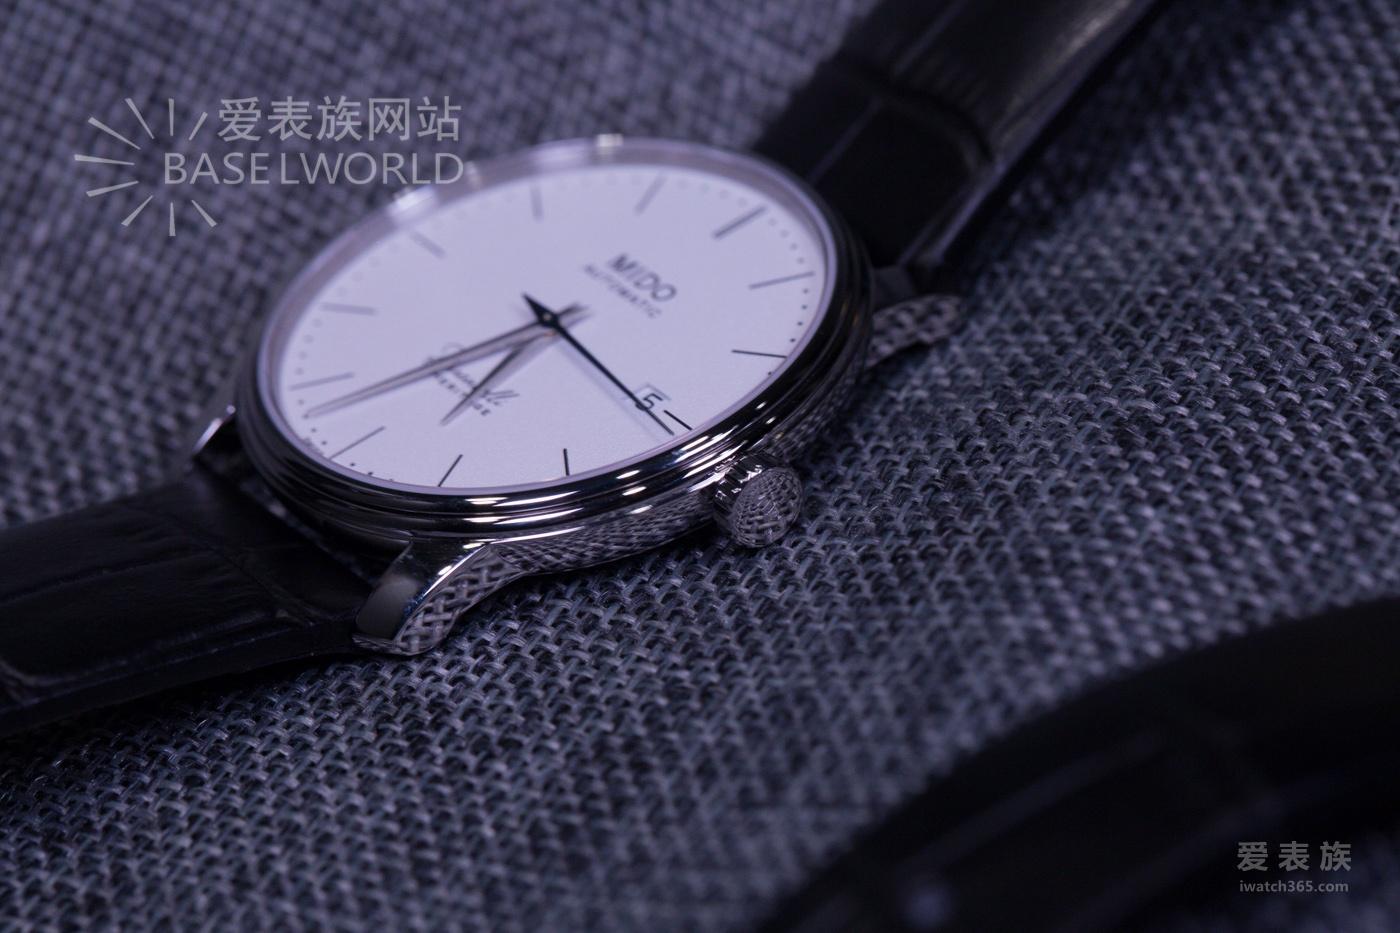 爱表评测 美度贝伦赛丽典藏系列纪念款超薄手表 款式篇